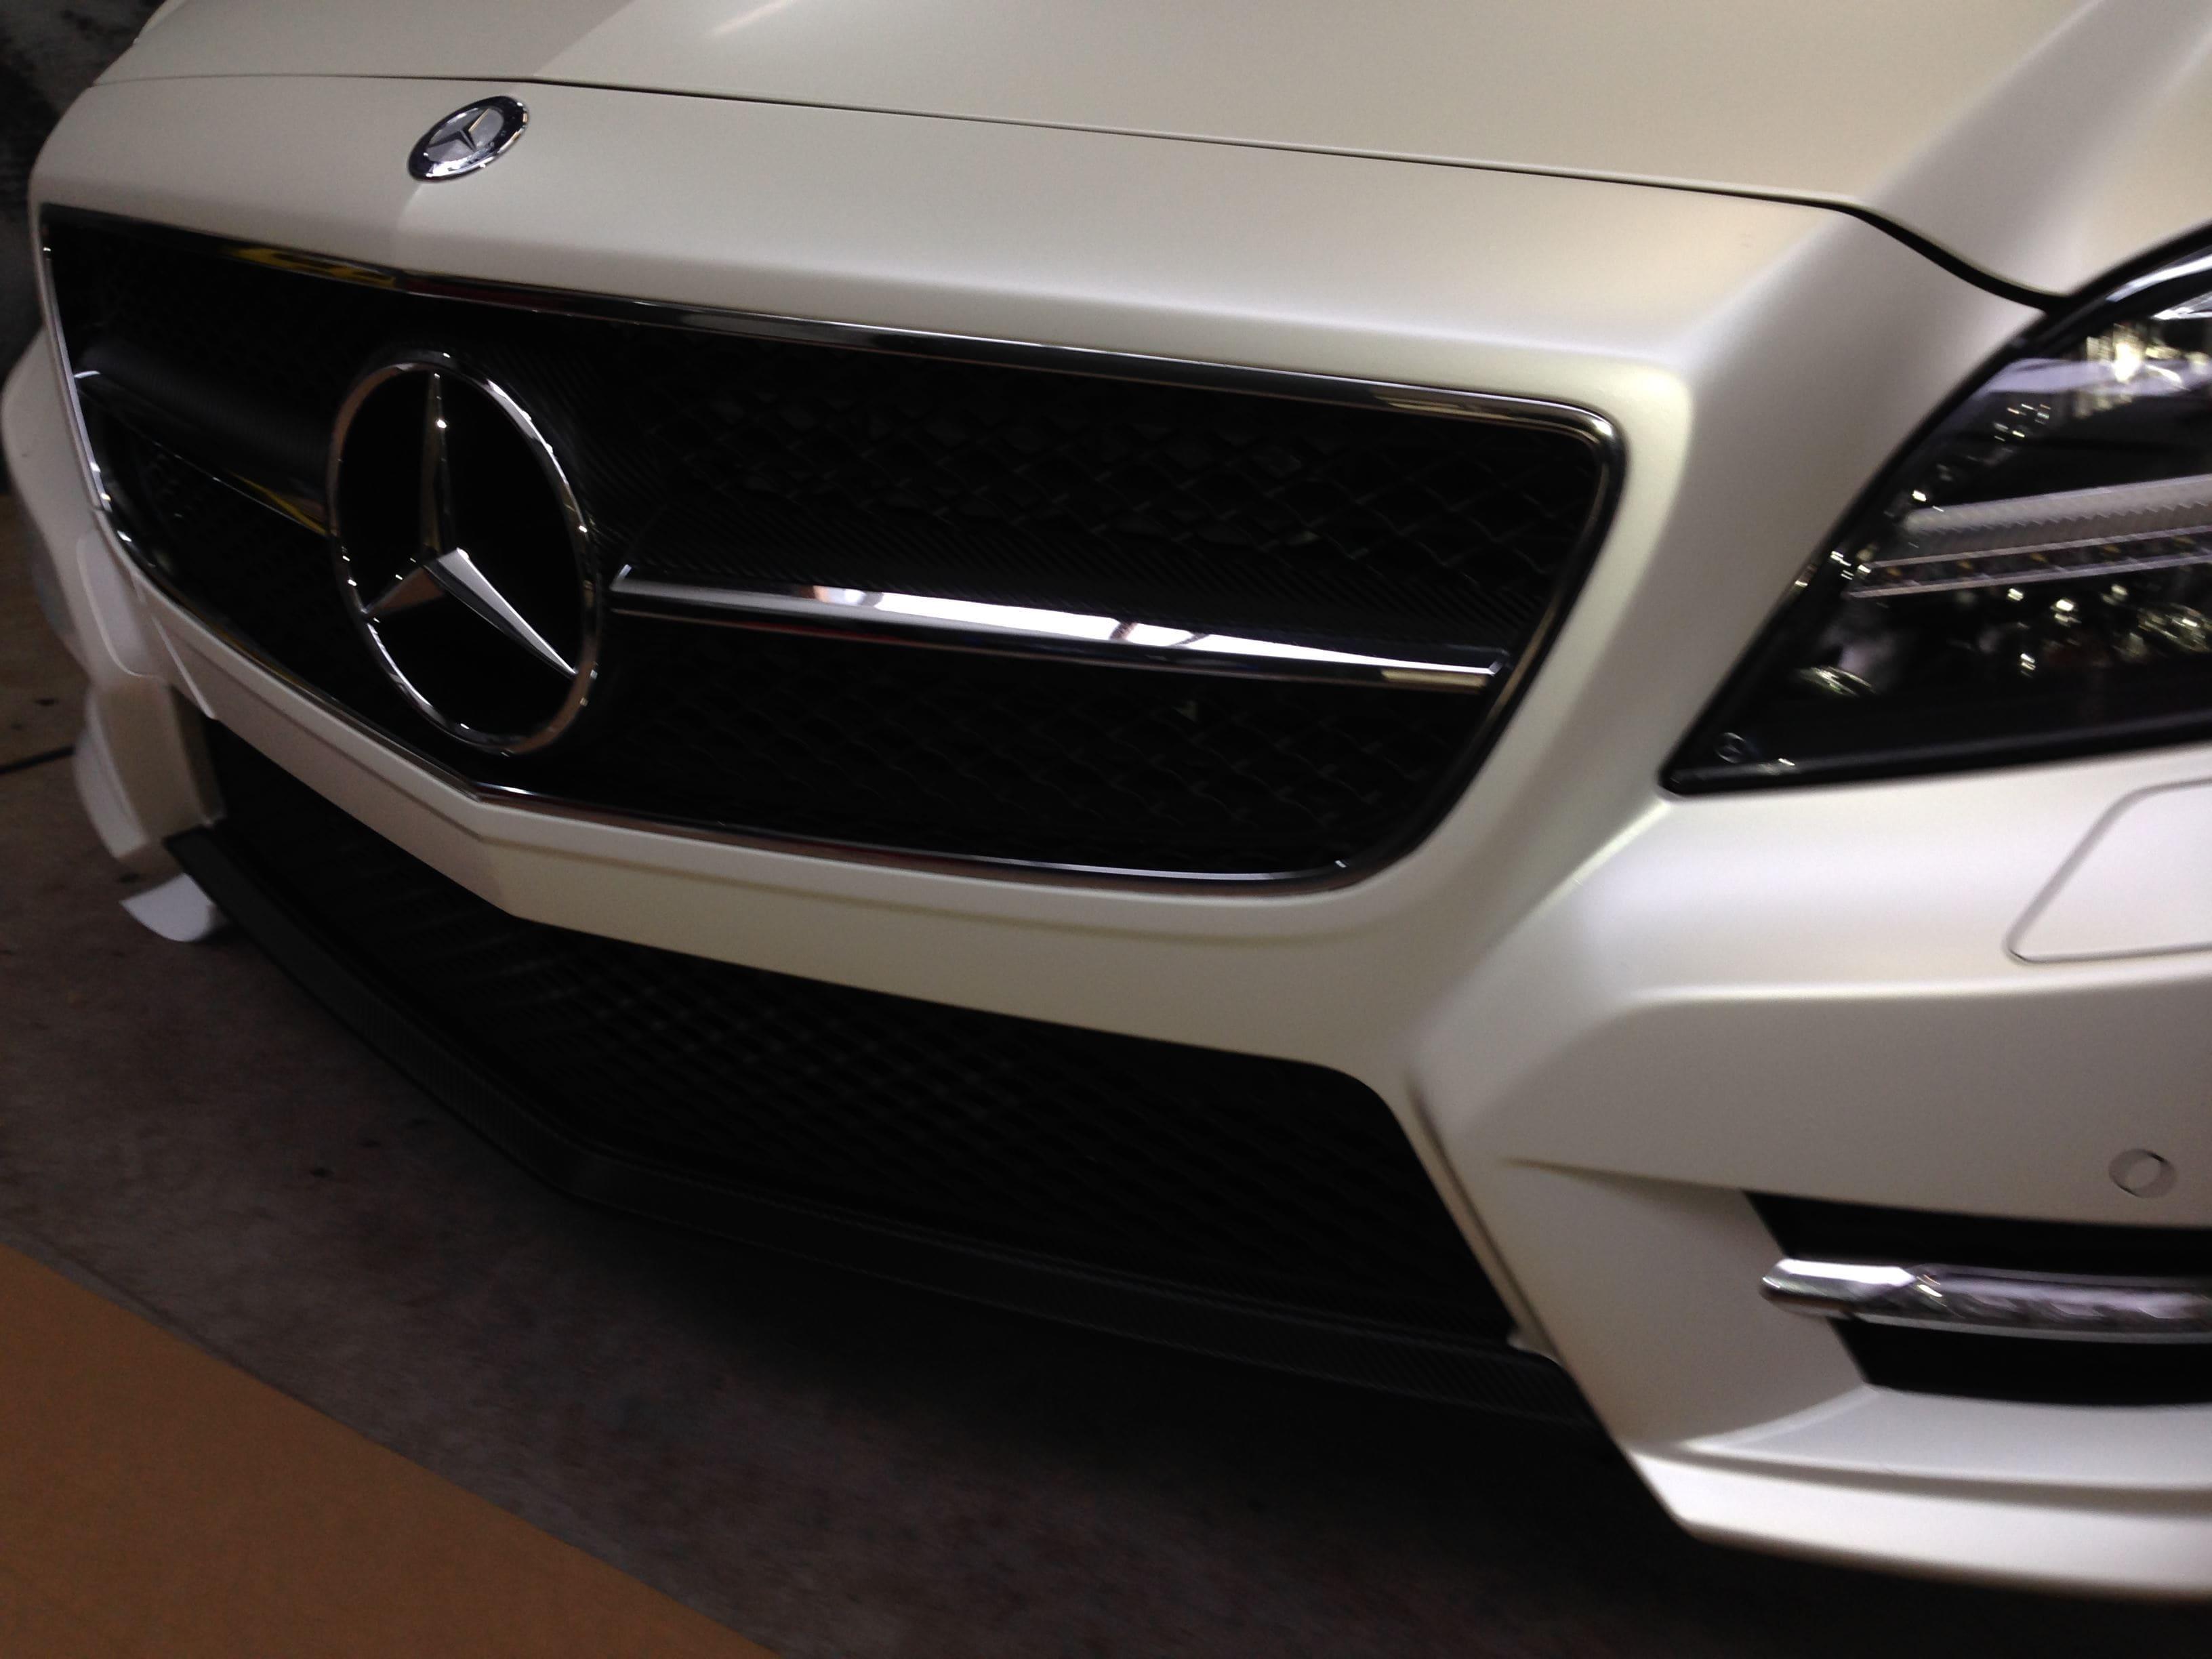 Mercedes CLS met White Satin Pearl Wrap, Carwrapping door Wrapmyride.nu Foto-nr:6199, ©2021